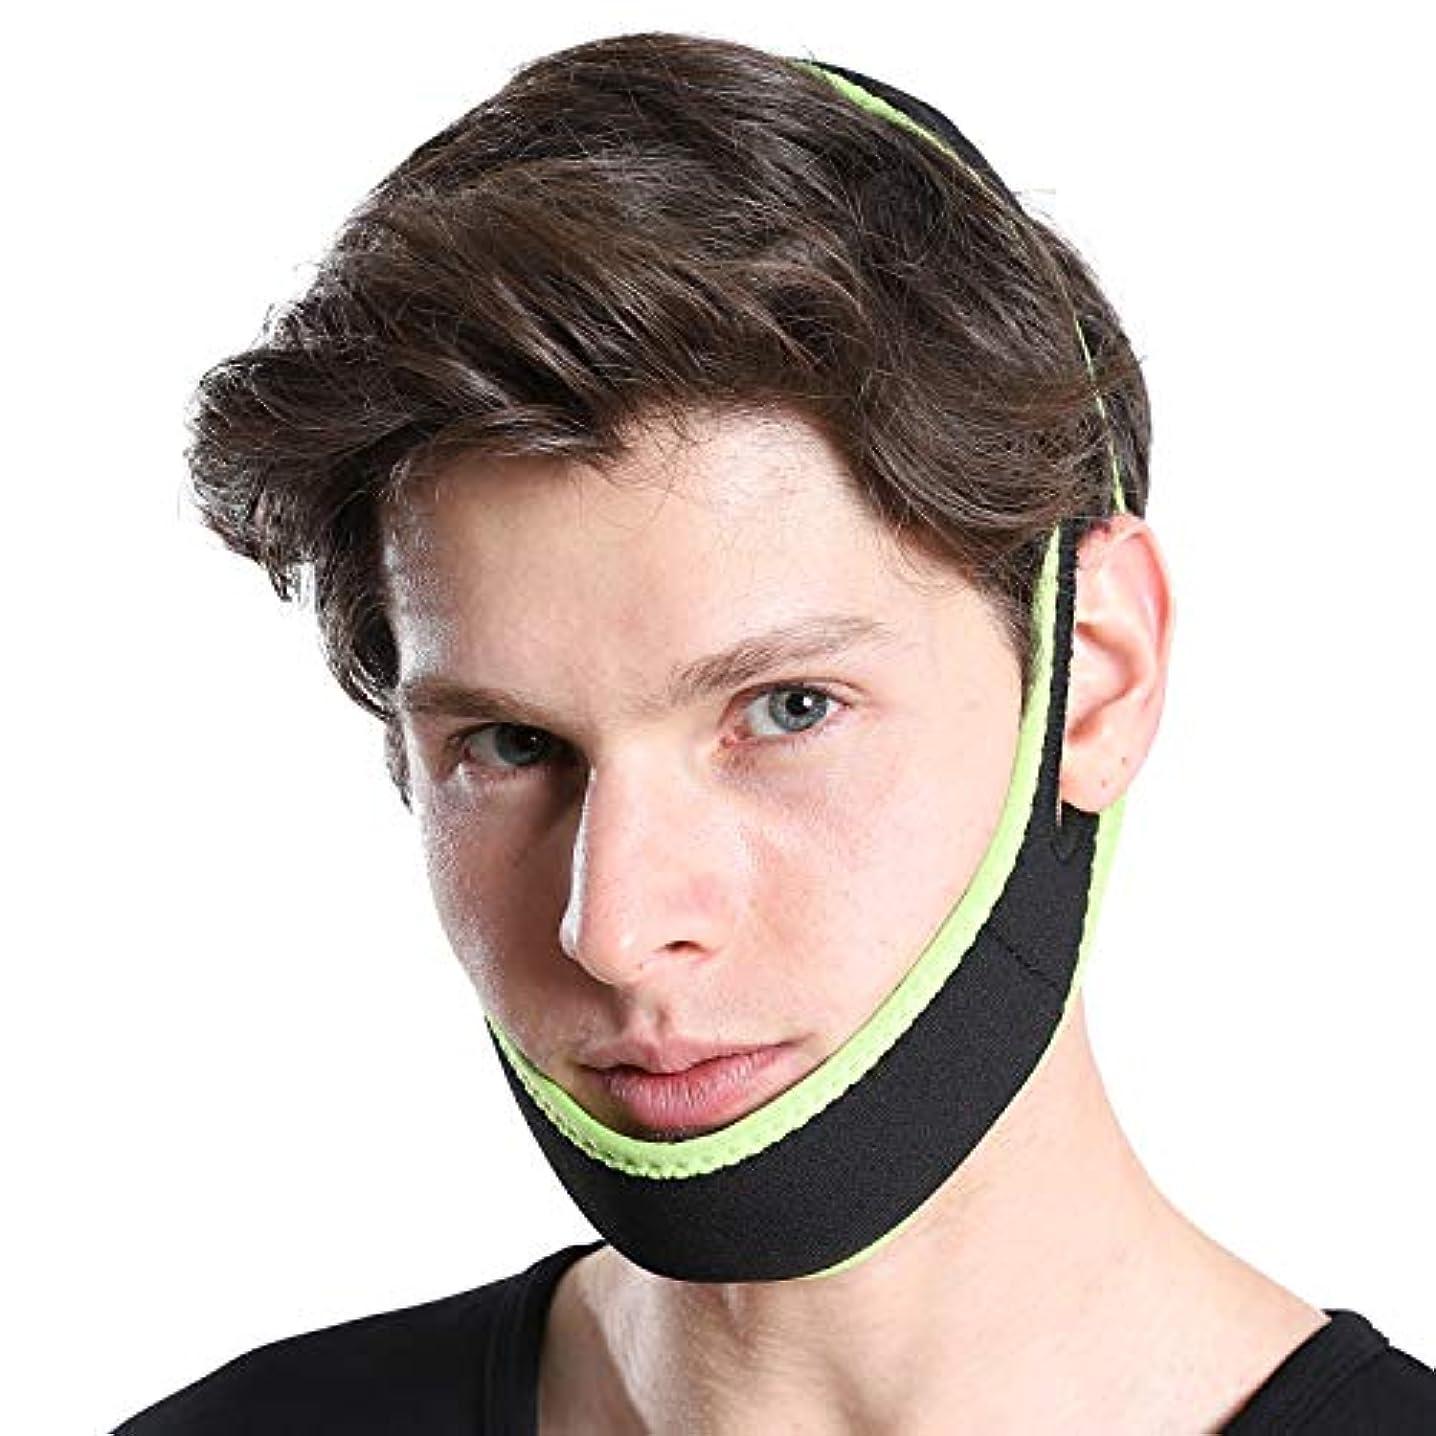 不健全つらい準備ができてELPIRKA 小顔マスク メンズ ゲルマニウムチタン 配合で 顔痩せ 小顔 リフトアップ!